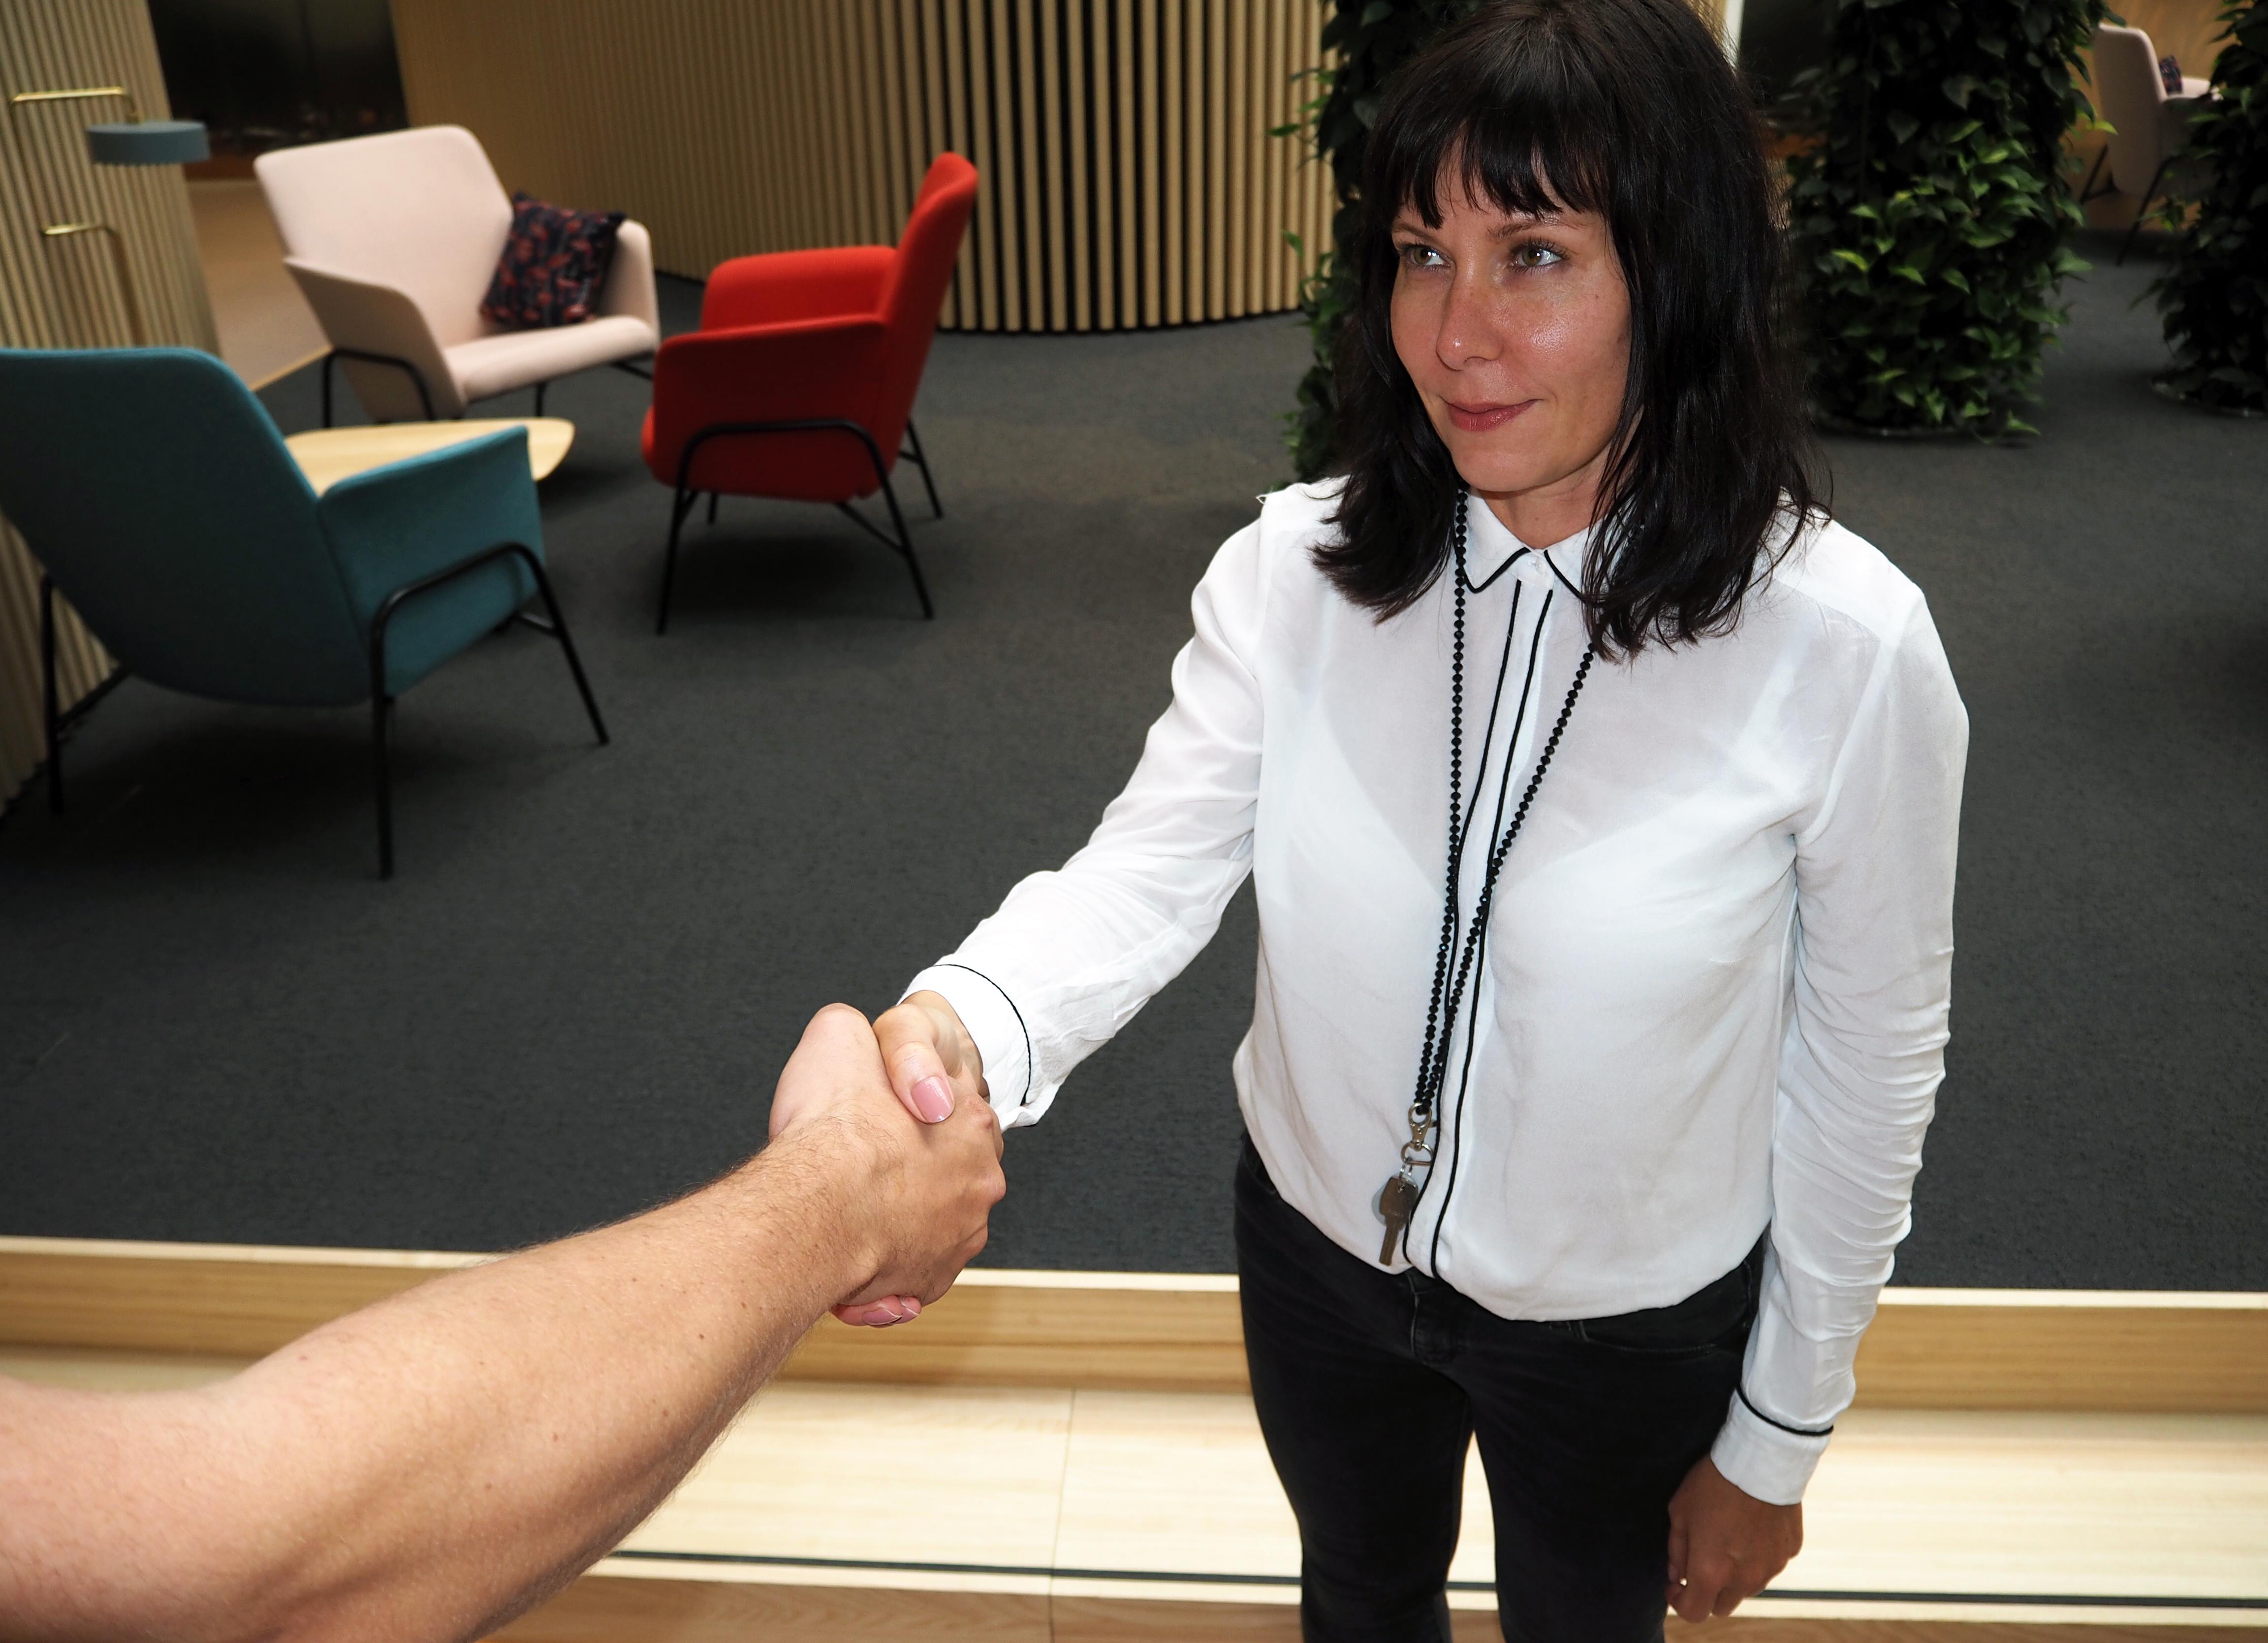 Omenan toimitusjohtaja Kati Niemelä kättelemässä yhteityökumppania.